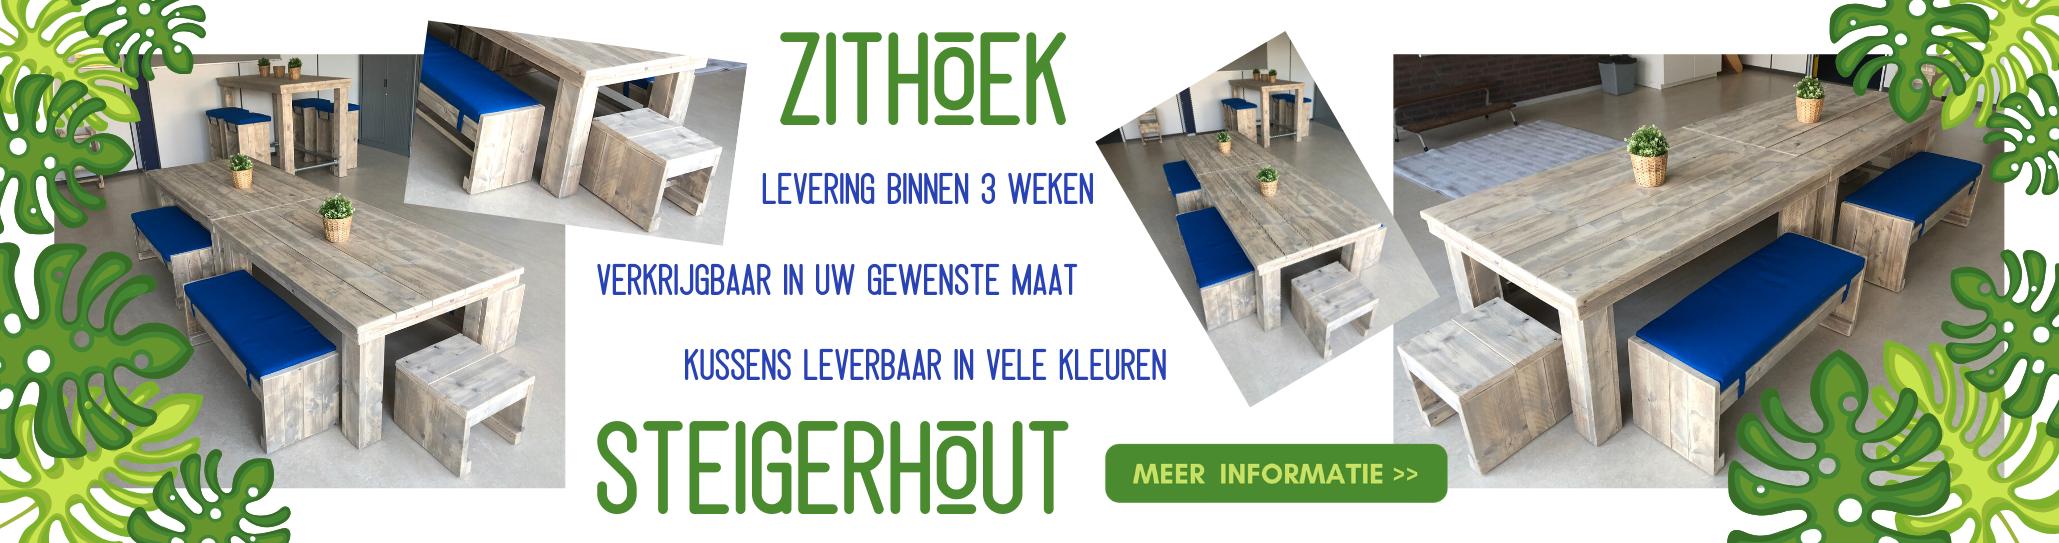 Banner zithoek steigerhout nov 2019